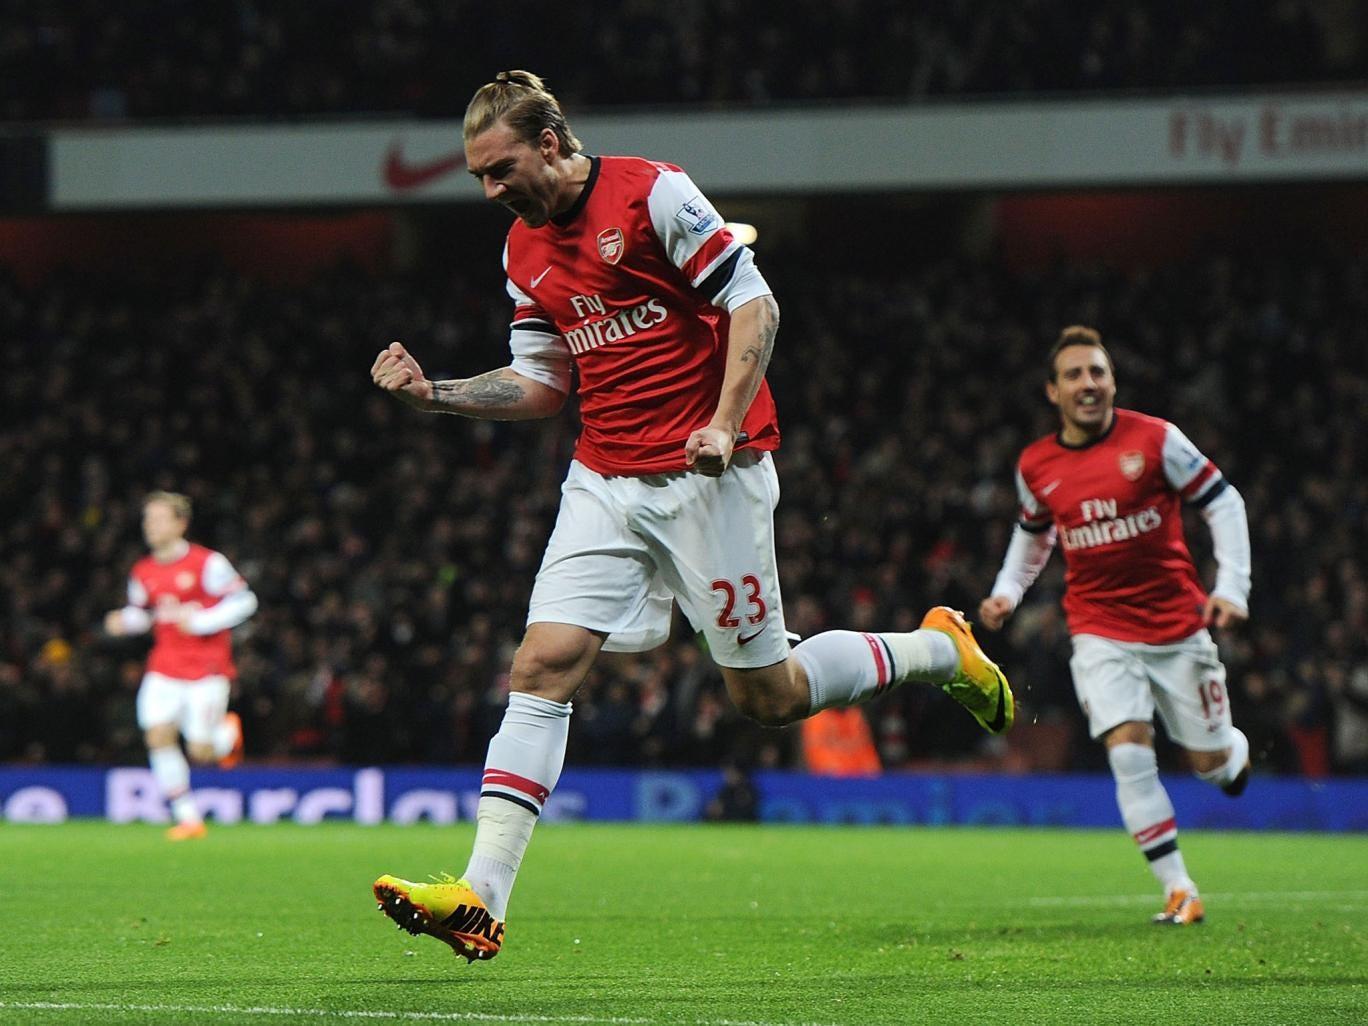 Arsenal striker Nicklas Bentdner celebrates after he scores against Hull City